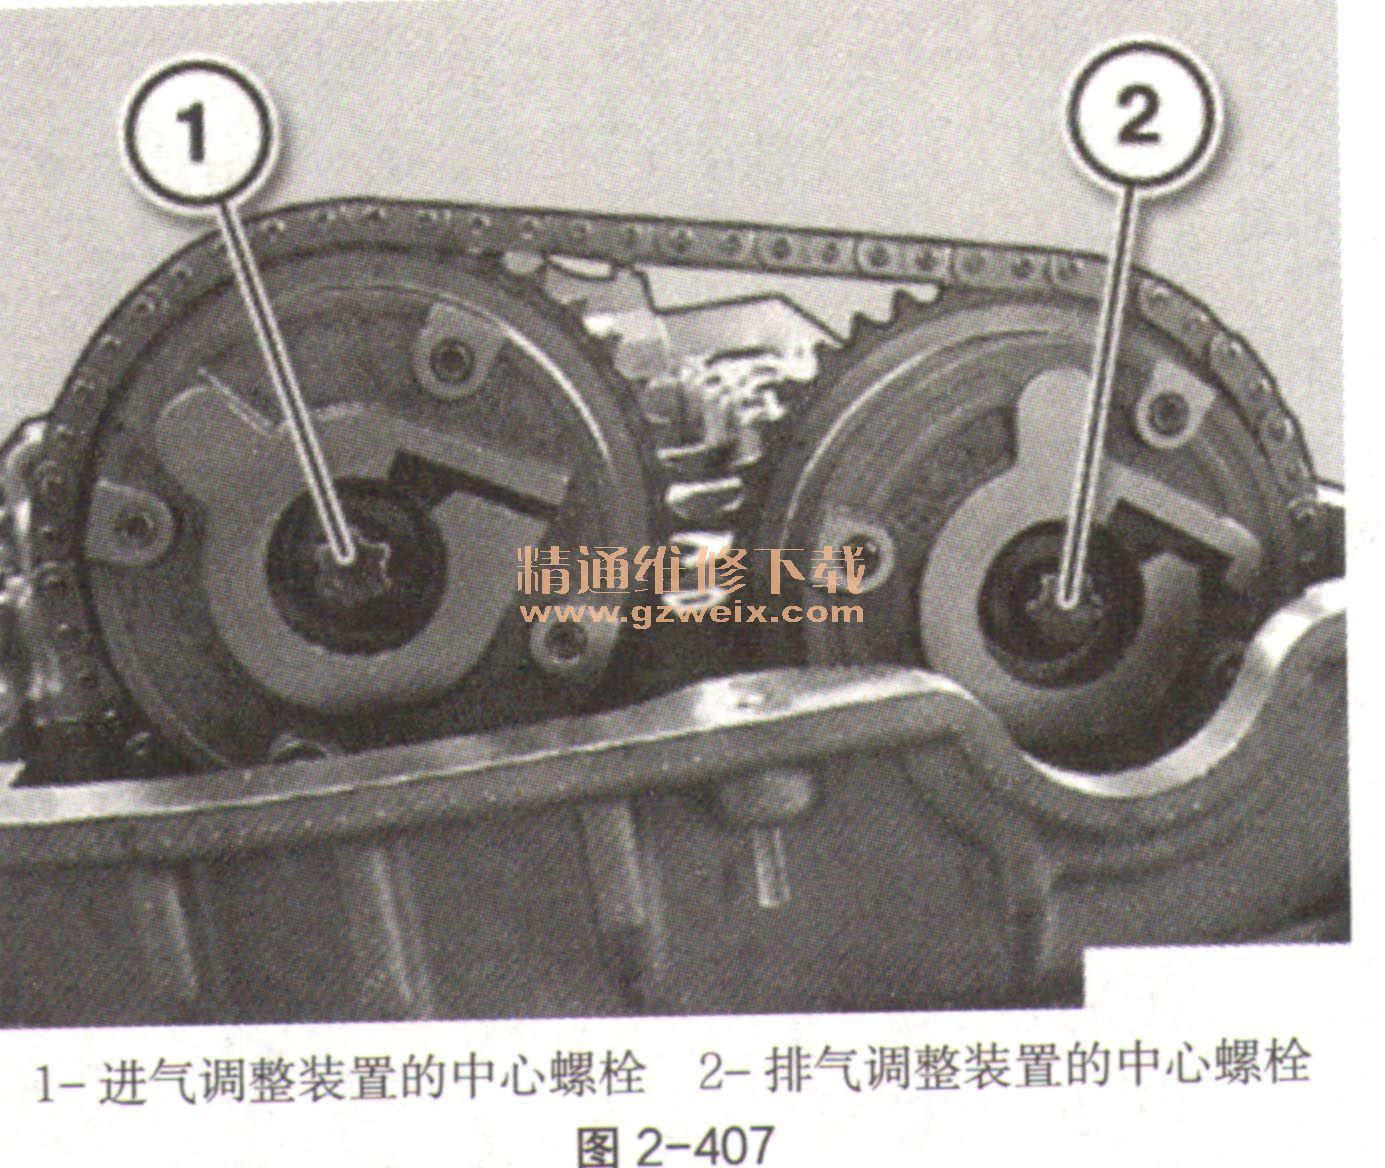 文档资料 汽车技术 汽车专题 汽车正时设定       ⑥松开进气调整装置